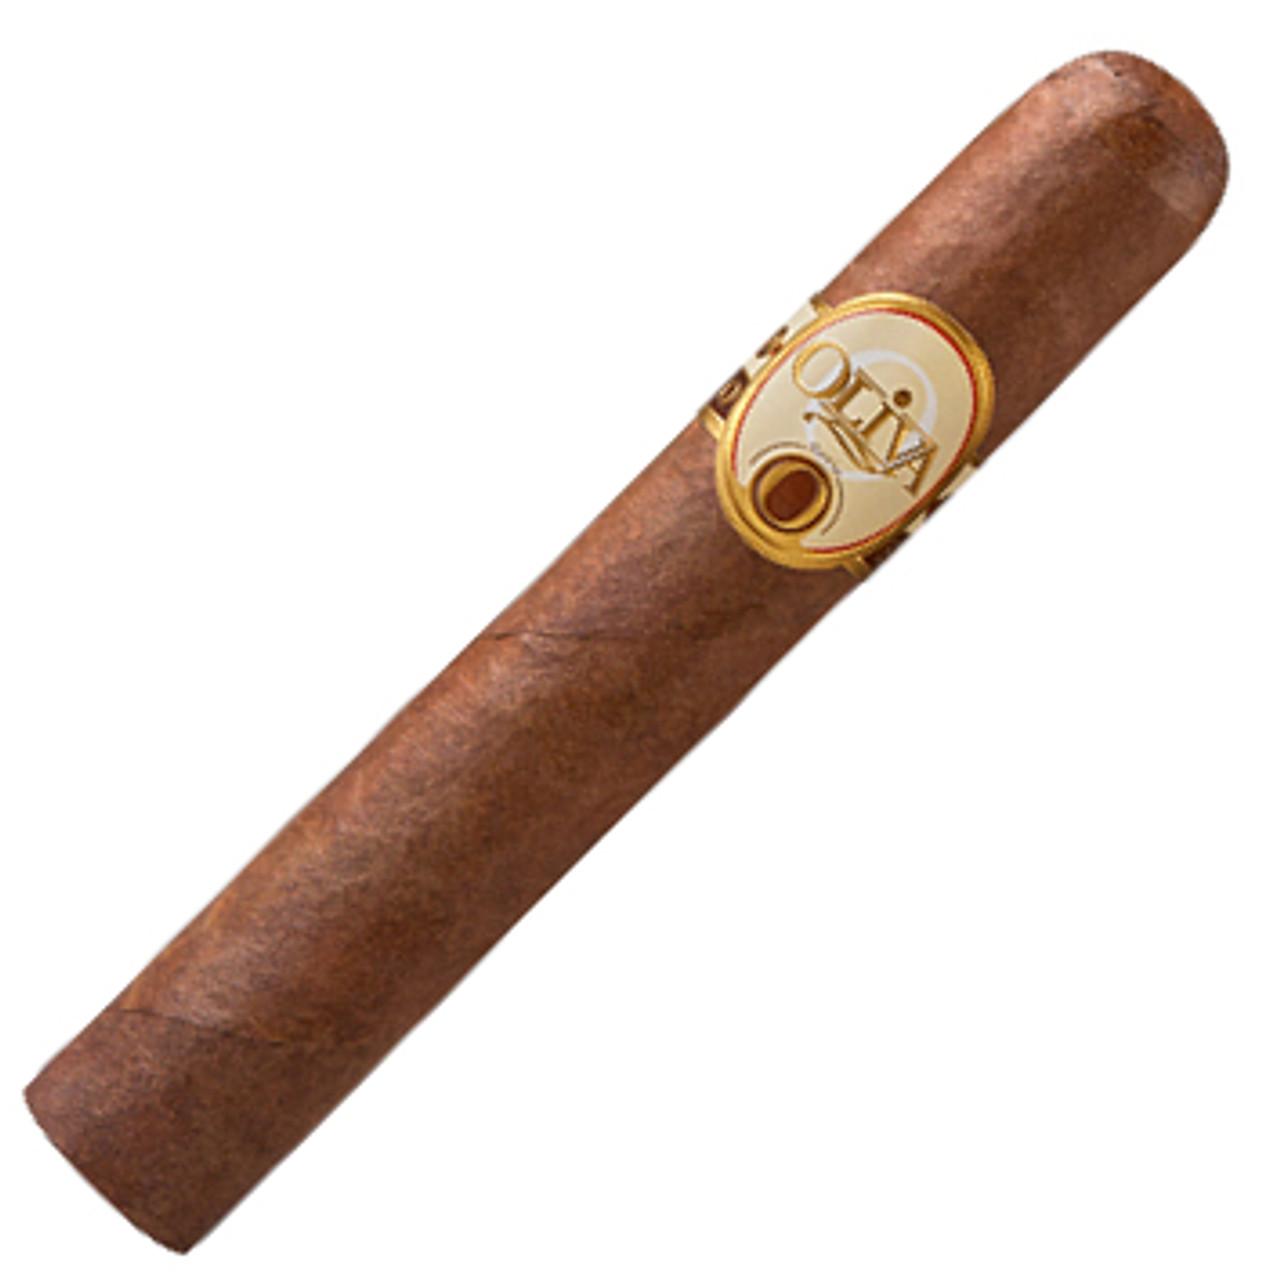 Oliva Serie O Double Toro Cigars - 6 x 60 (Box of 10)